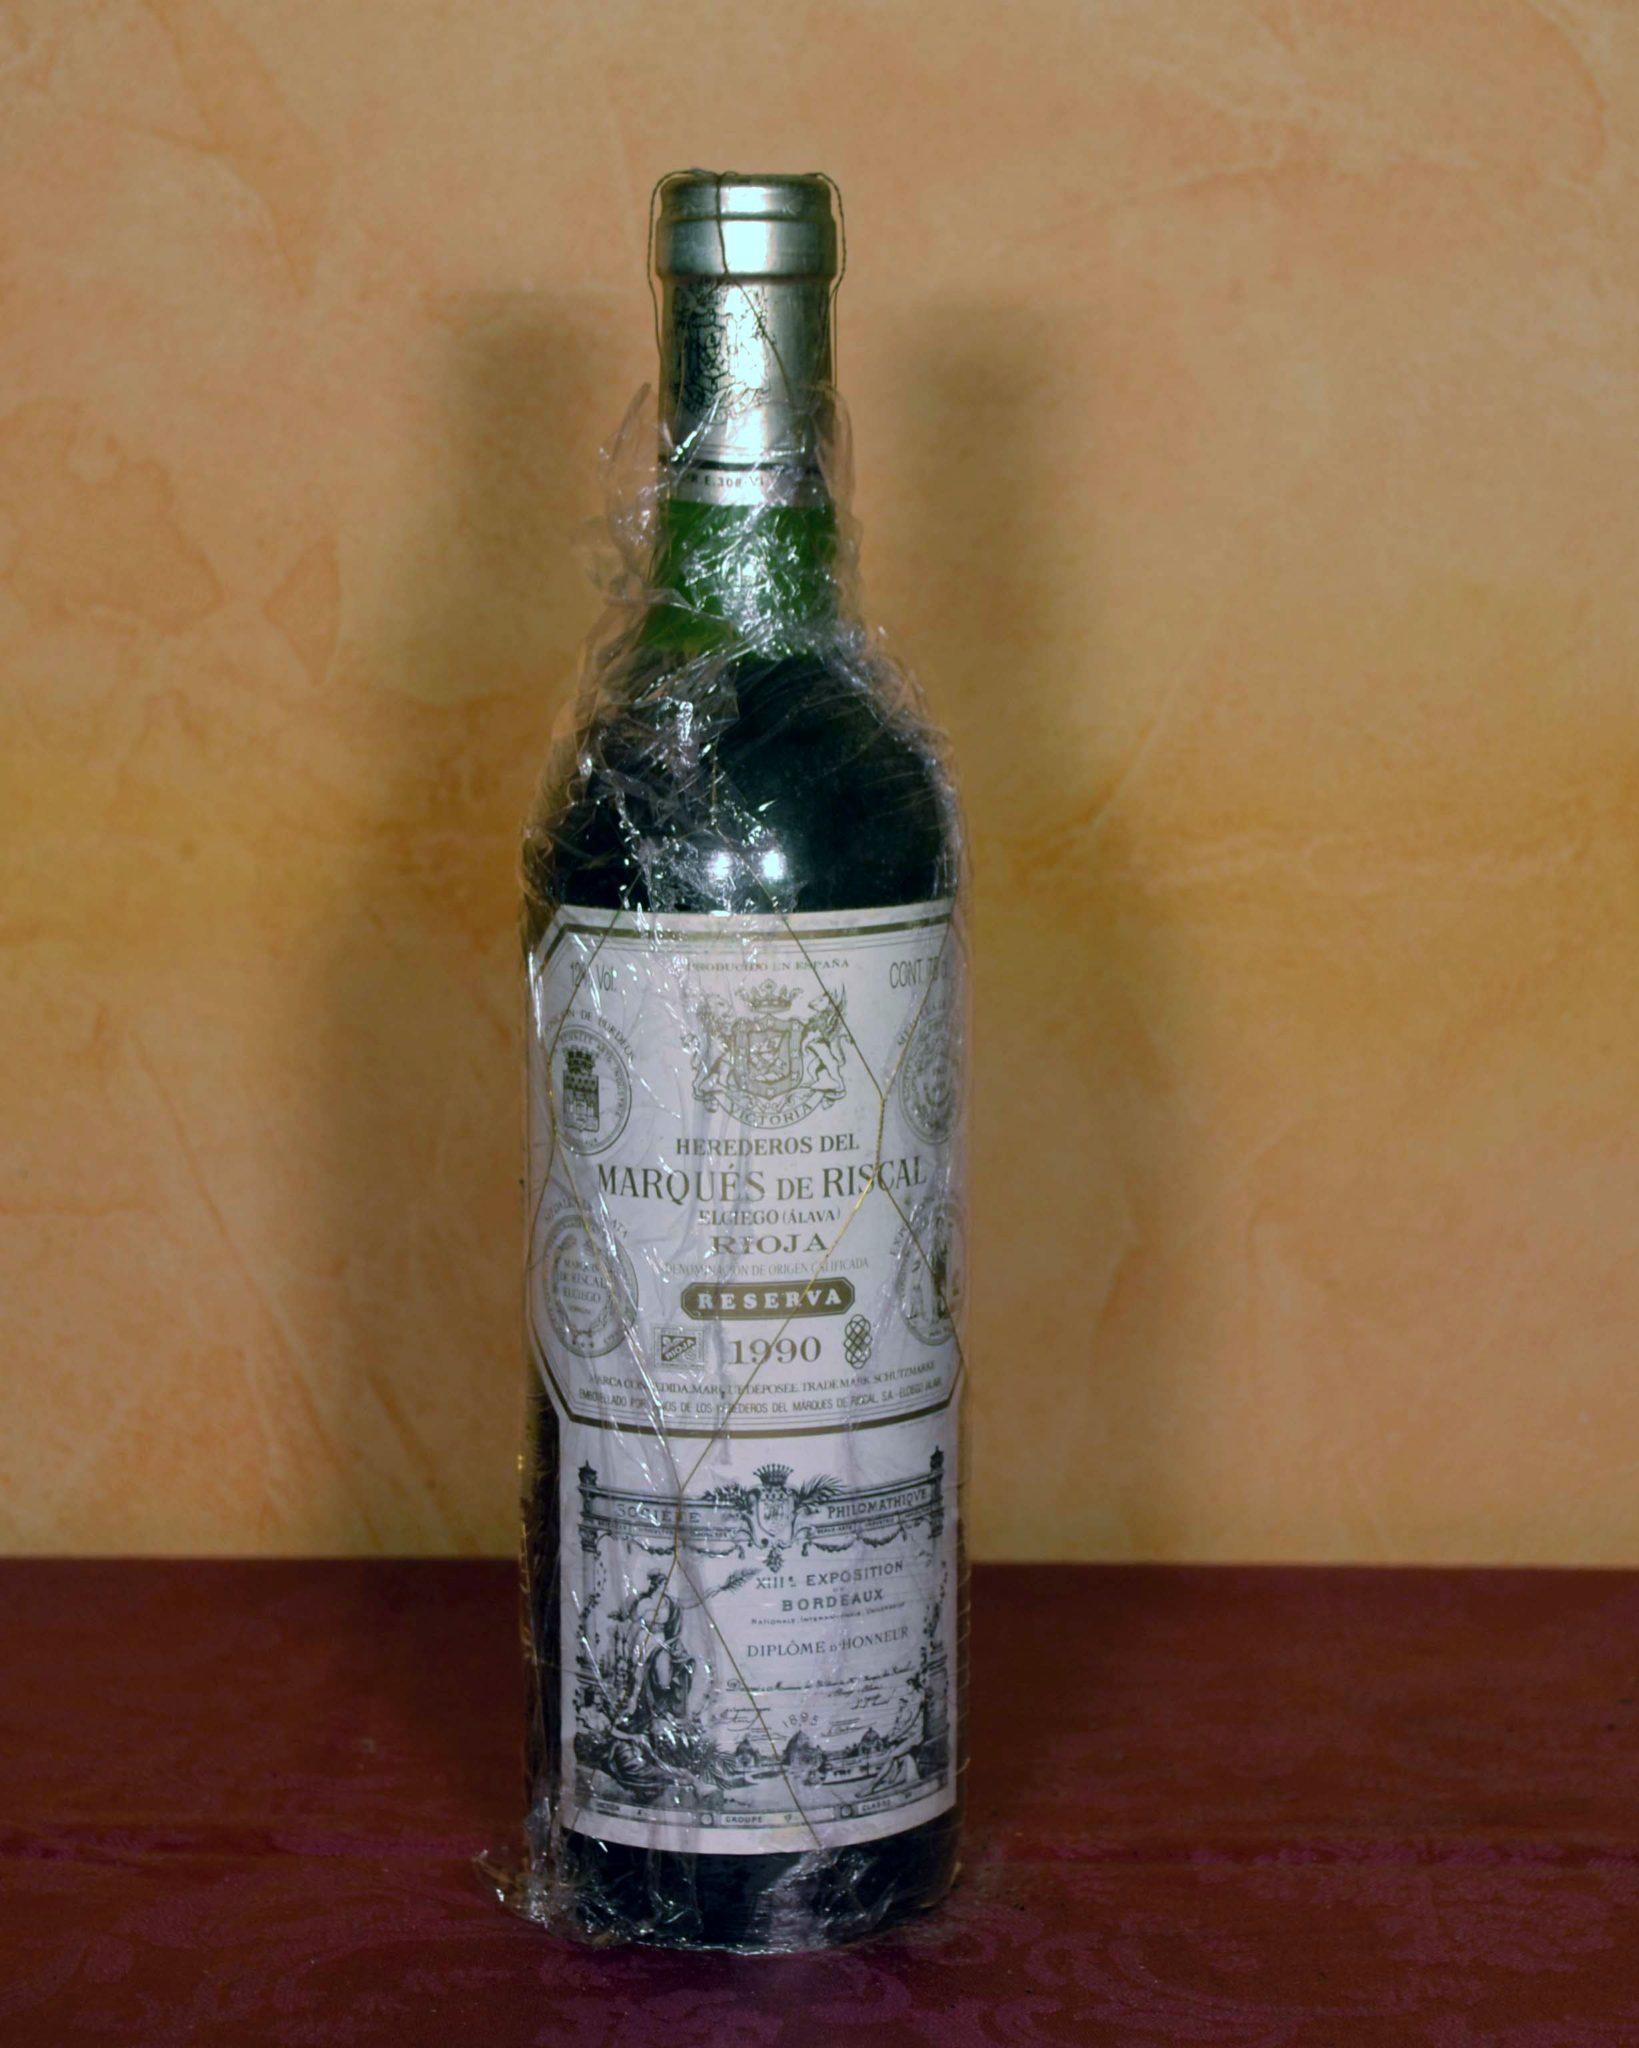 Marques de Riscal reserva 1990